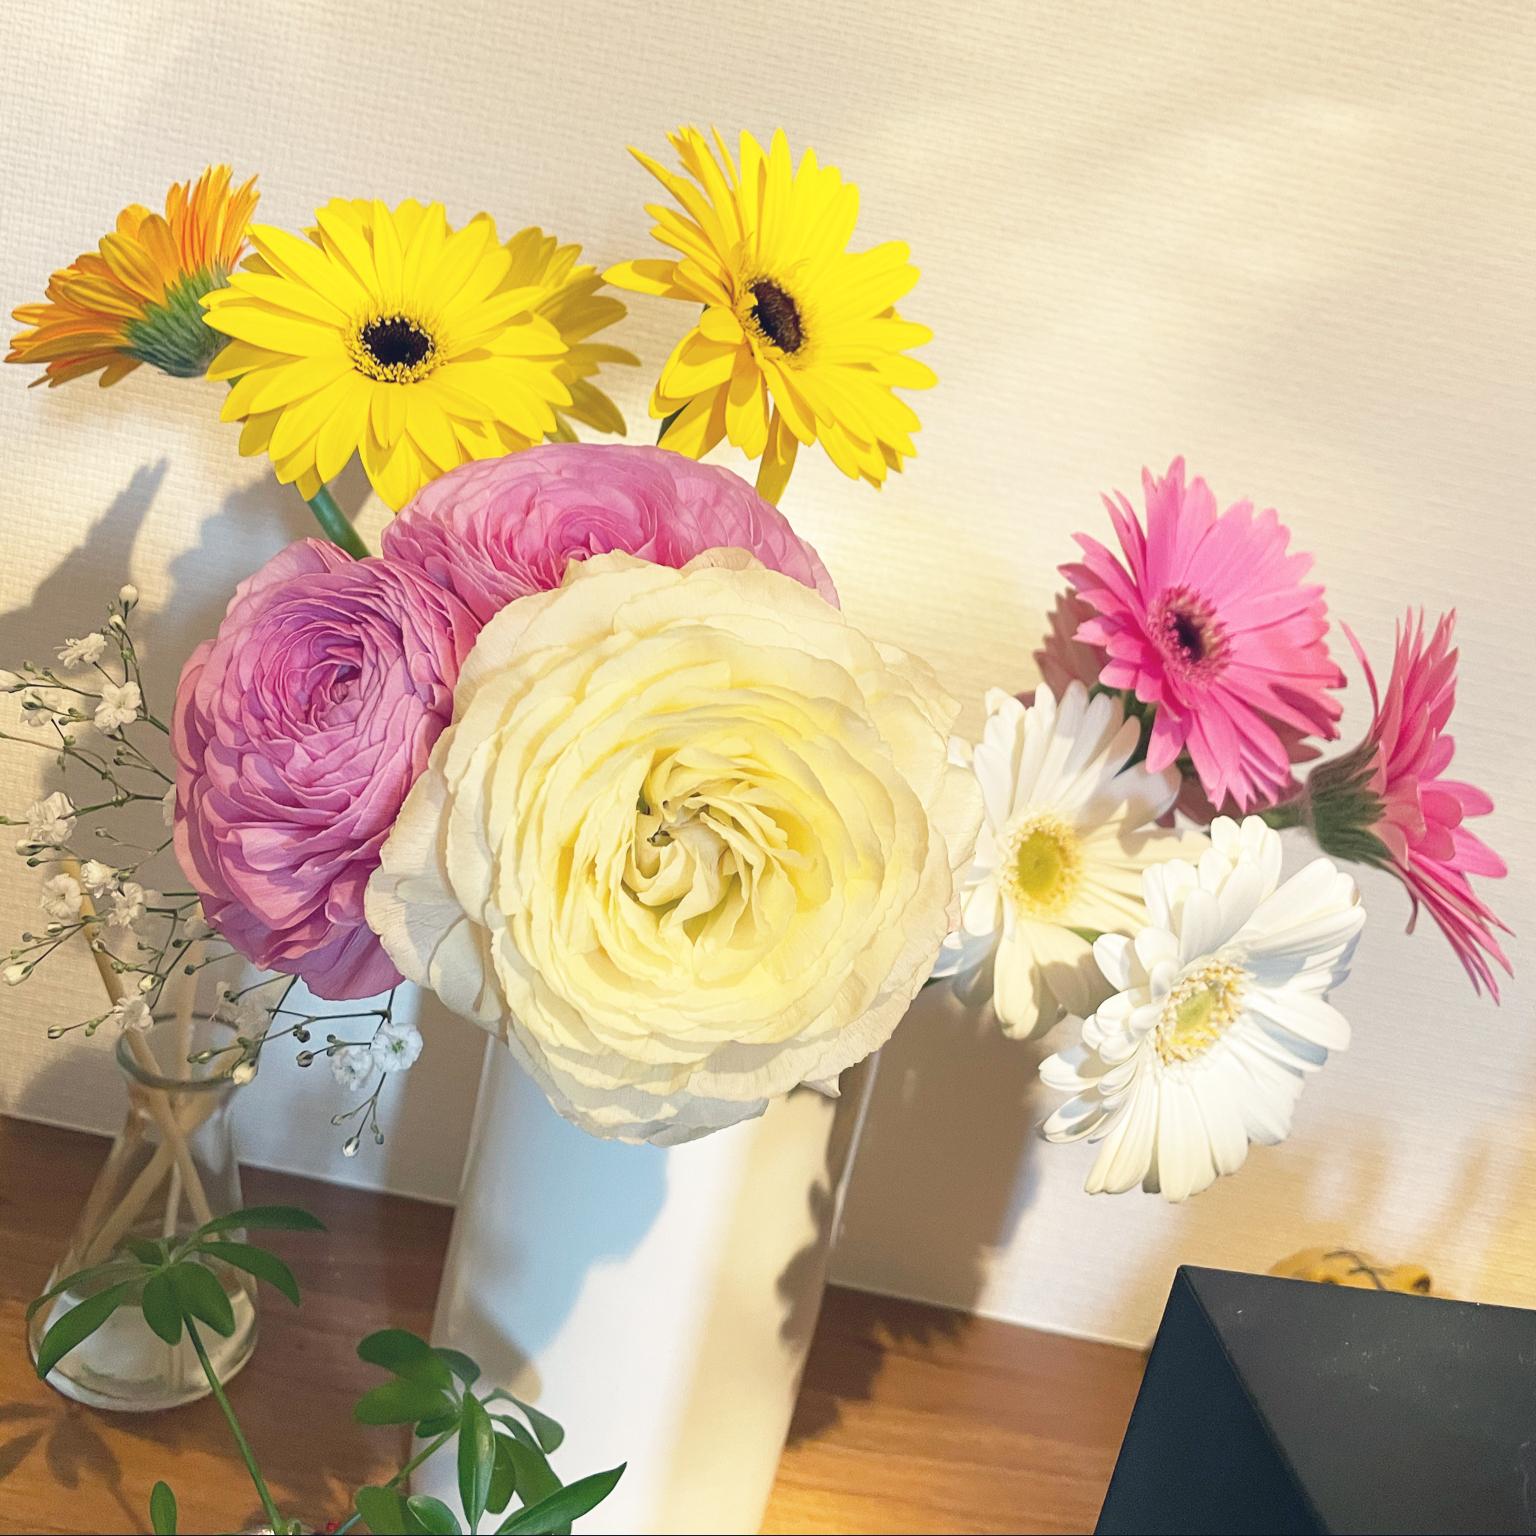 花のある暮らし/植物のある暮らし/シンプルナチュラル/RCの出会いに感謝♡/いつもいいねやコメありがとうございます♡...などのインテリア実例 - 2021-04-09 12:19:08